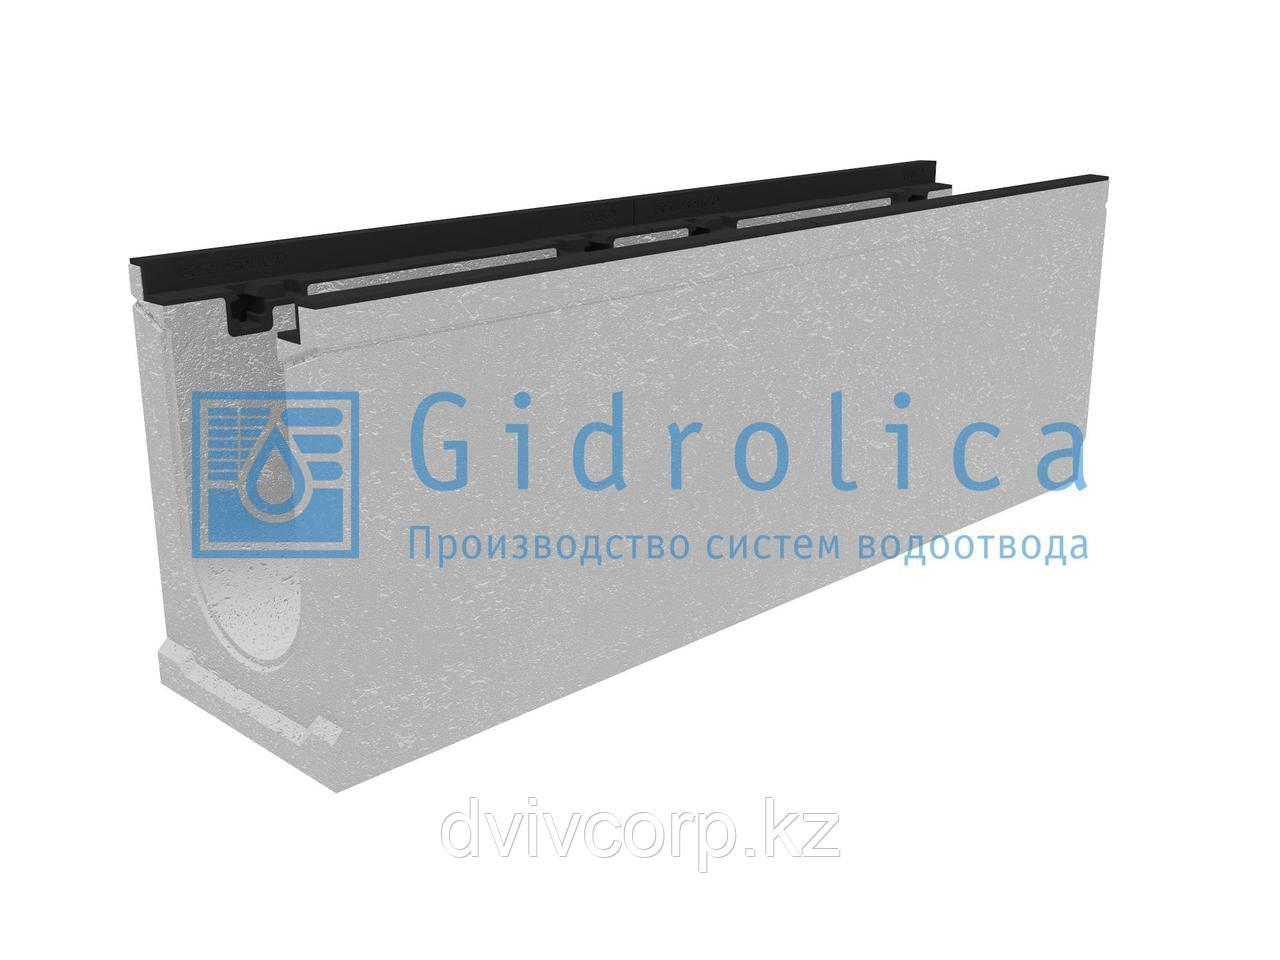 Лоток водоотводный бетонный коробчатый (СО-150мм), с чугунной насадкой КU 100.24,8 (15).34(27,5)-BGZ-S, № 20-0